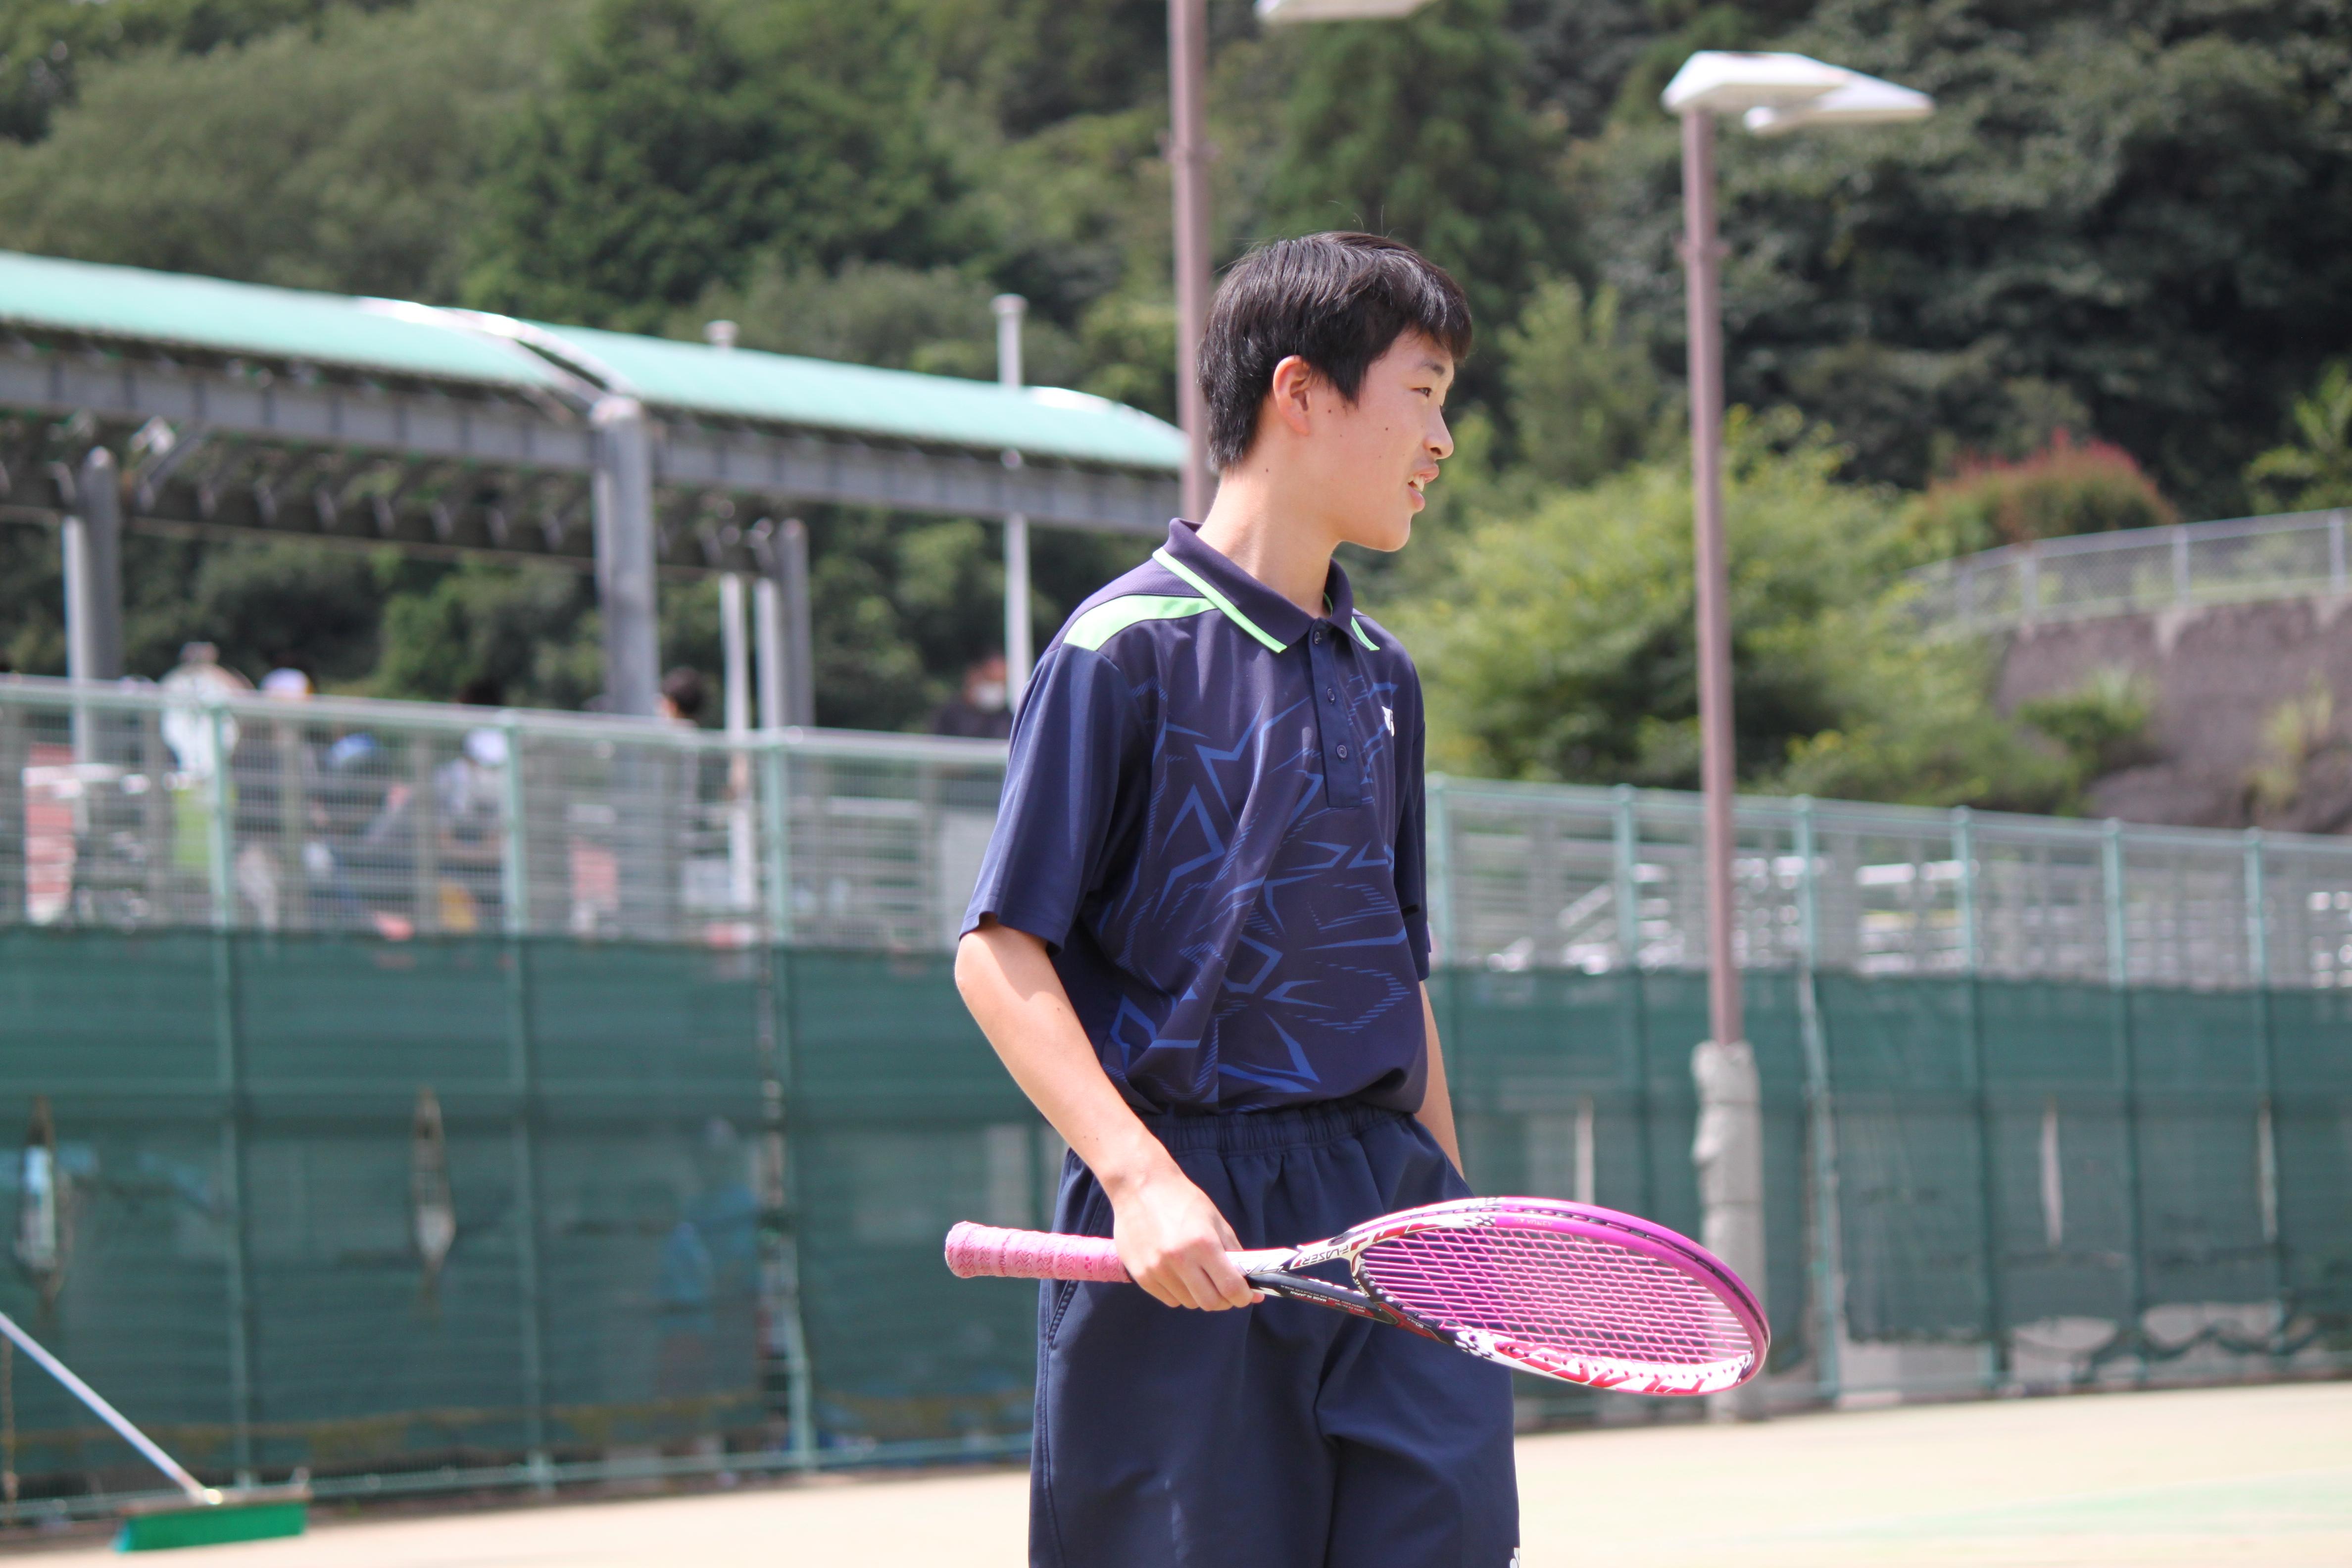 ソフトテニス (344)